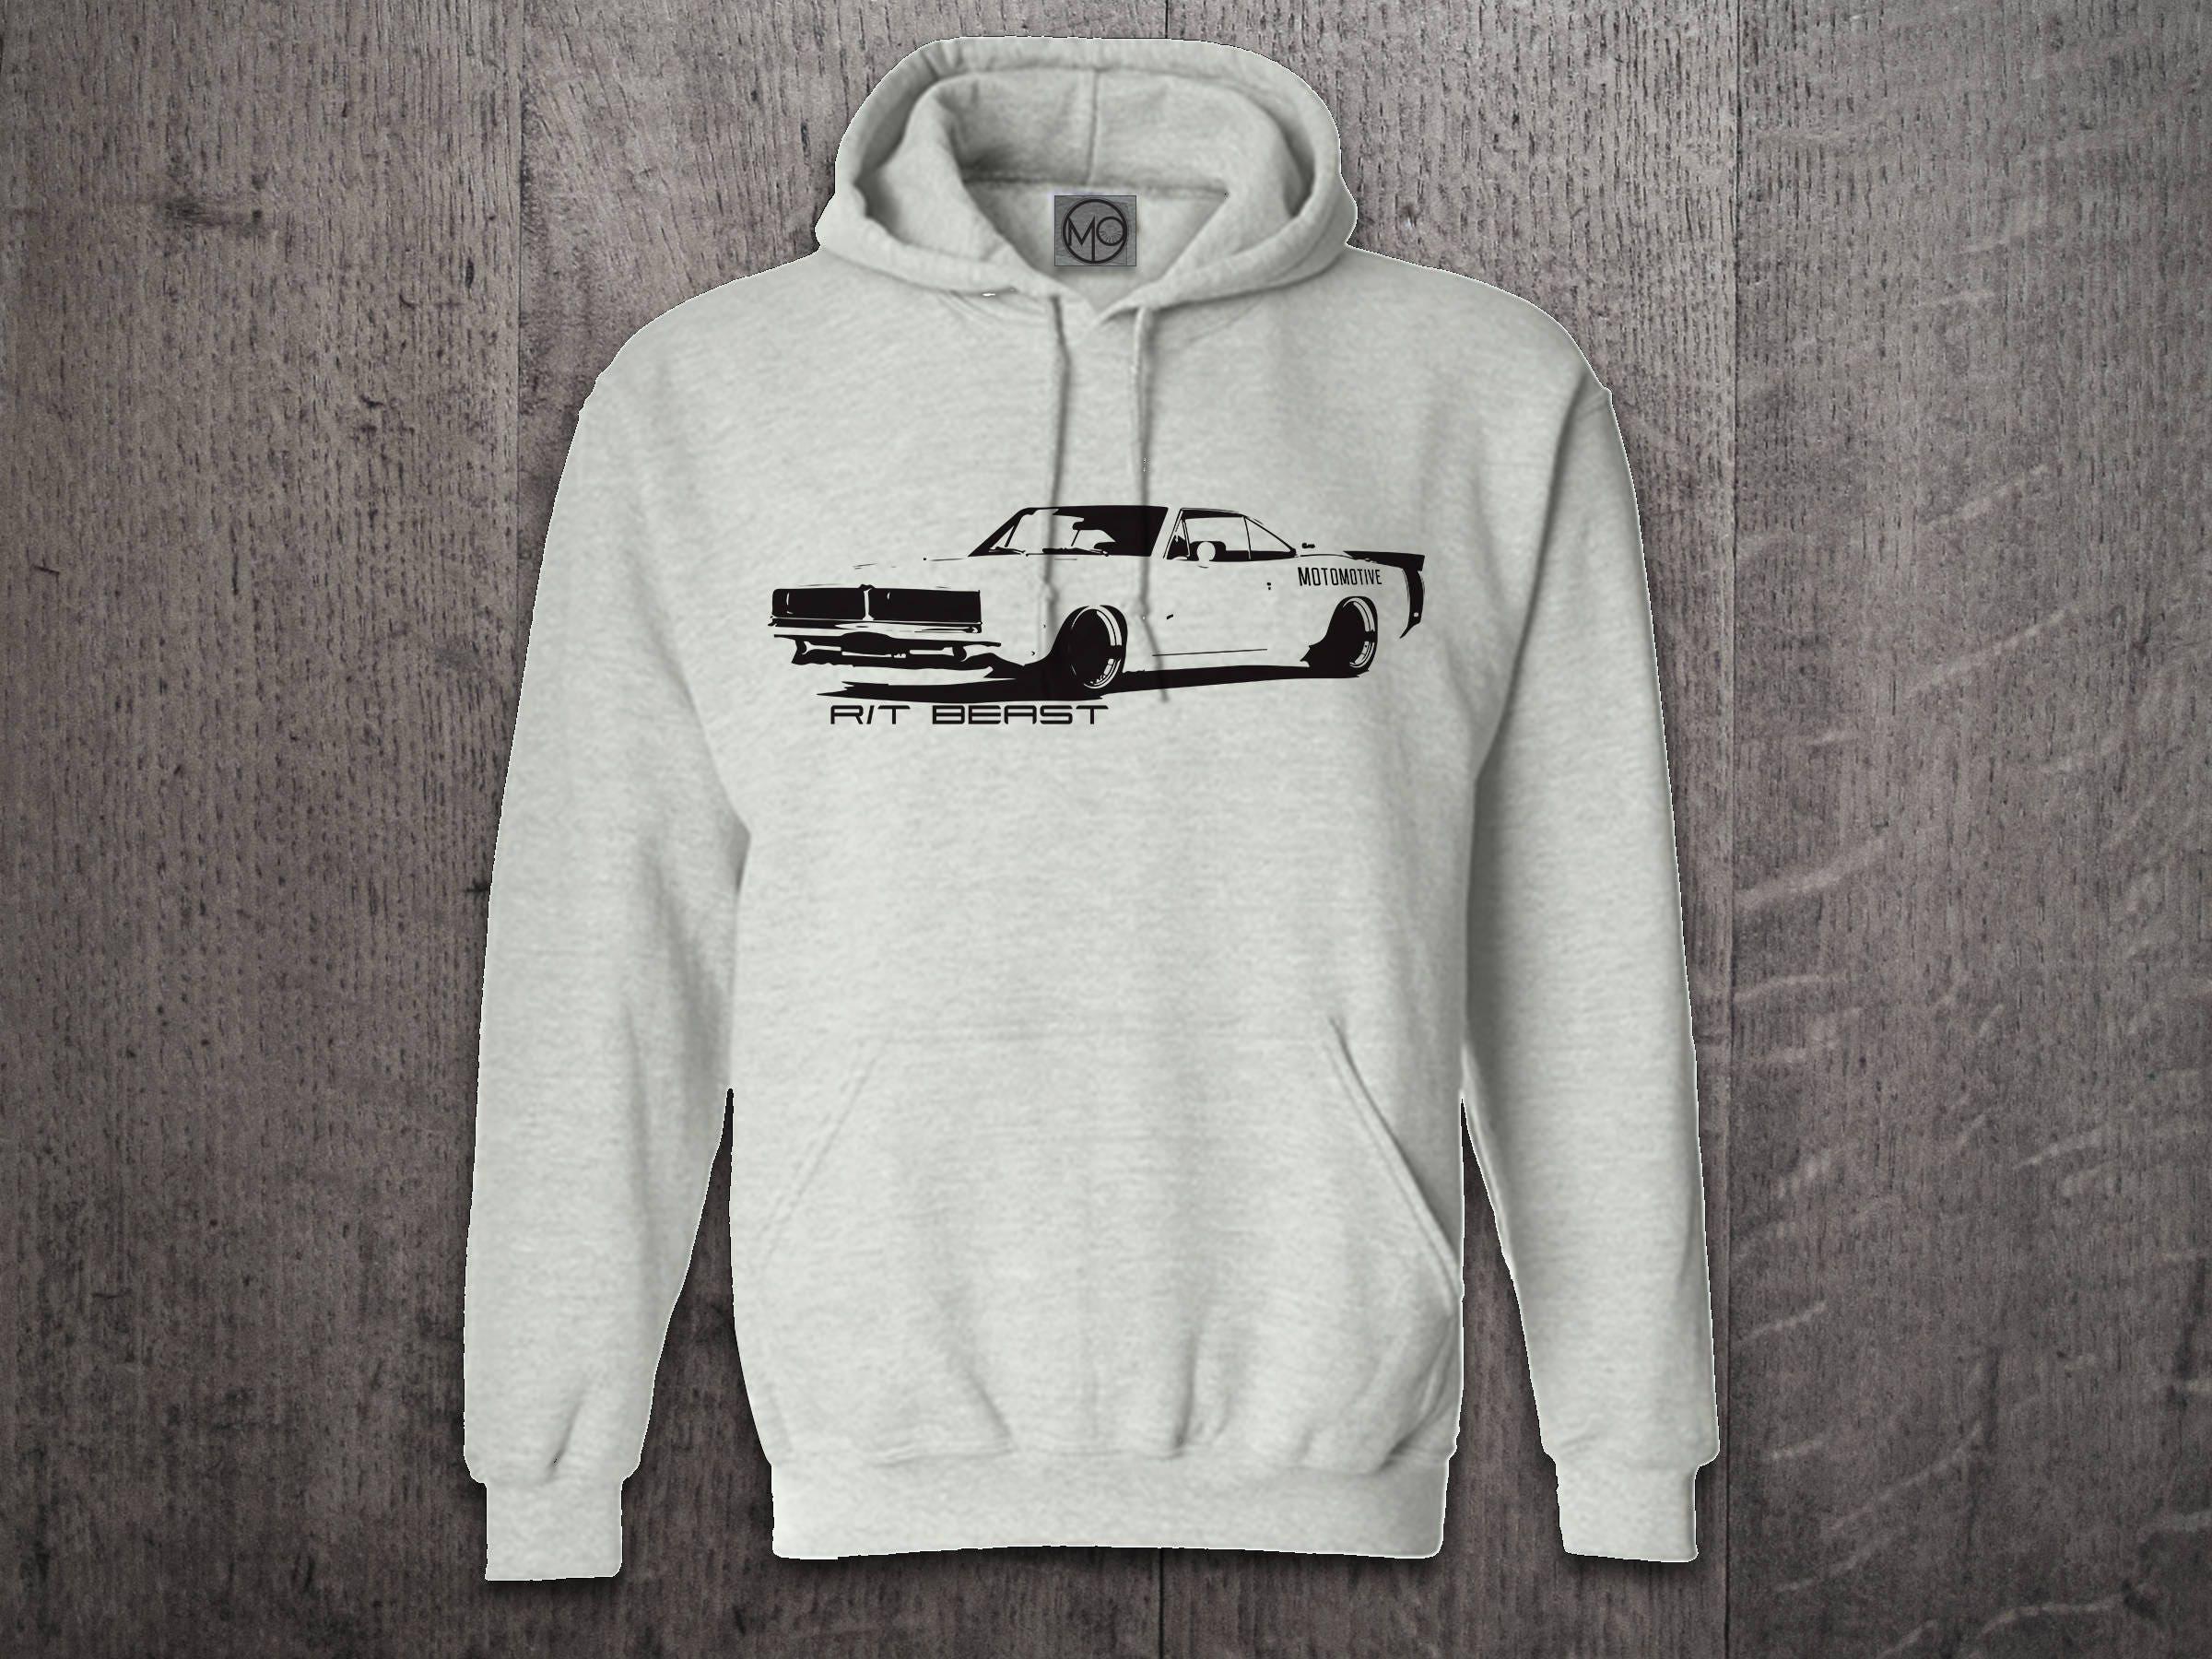 Dodge Charger hoodie, Cars hoodies, Dodge hoodies, Men hoodies, funny hoodies, Cars t shirts, Unisex Hoodies, Dodge charger t shirts